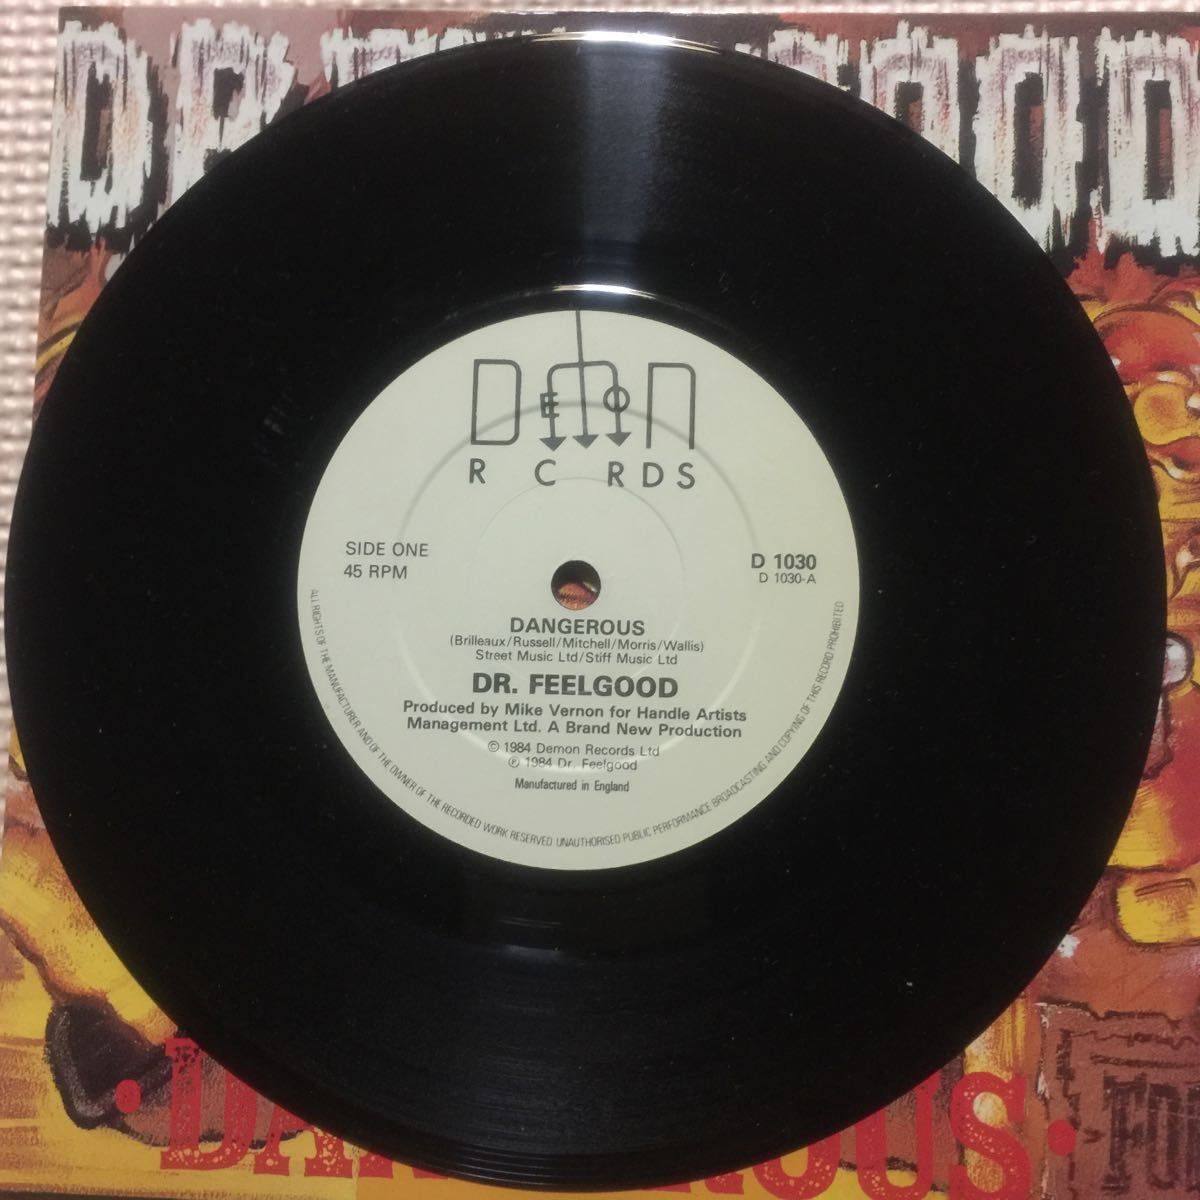 Dr. Feelgood Dangerous UK盤7インチシングル・レコード